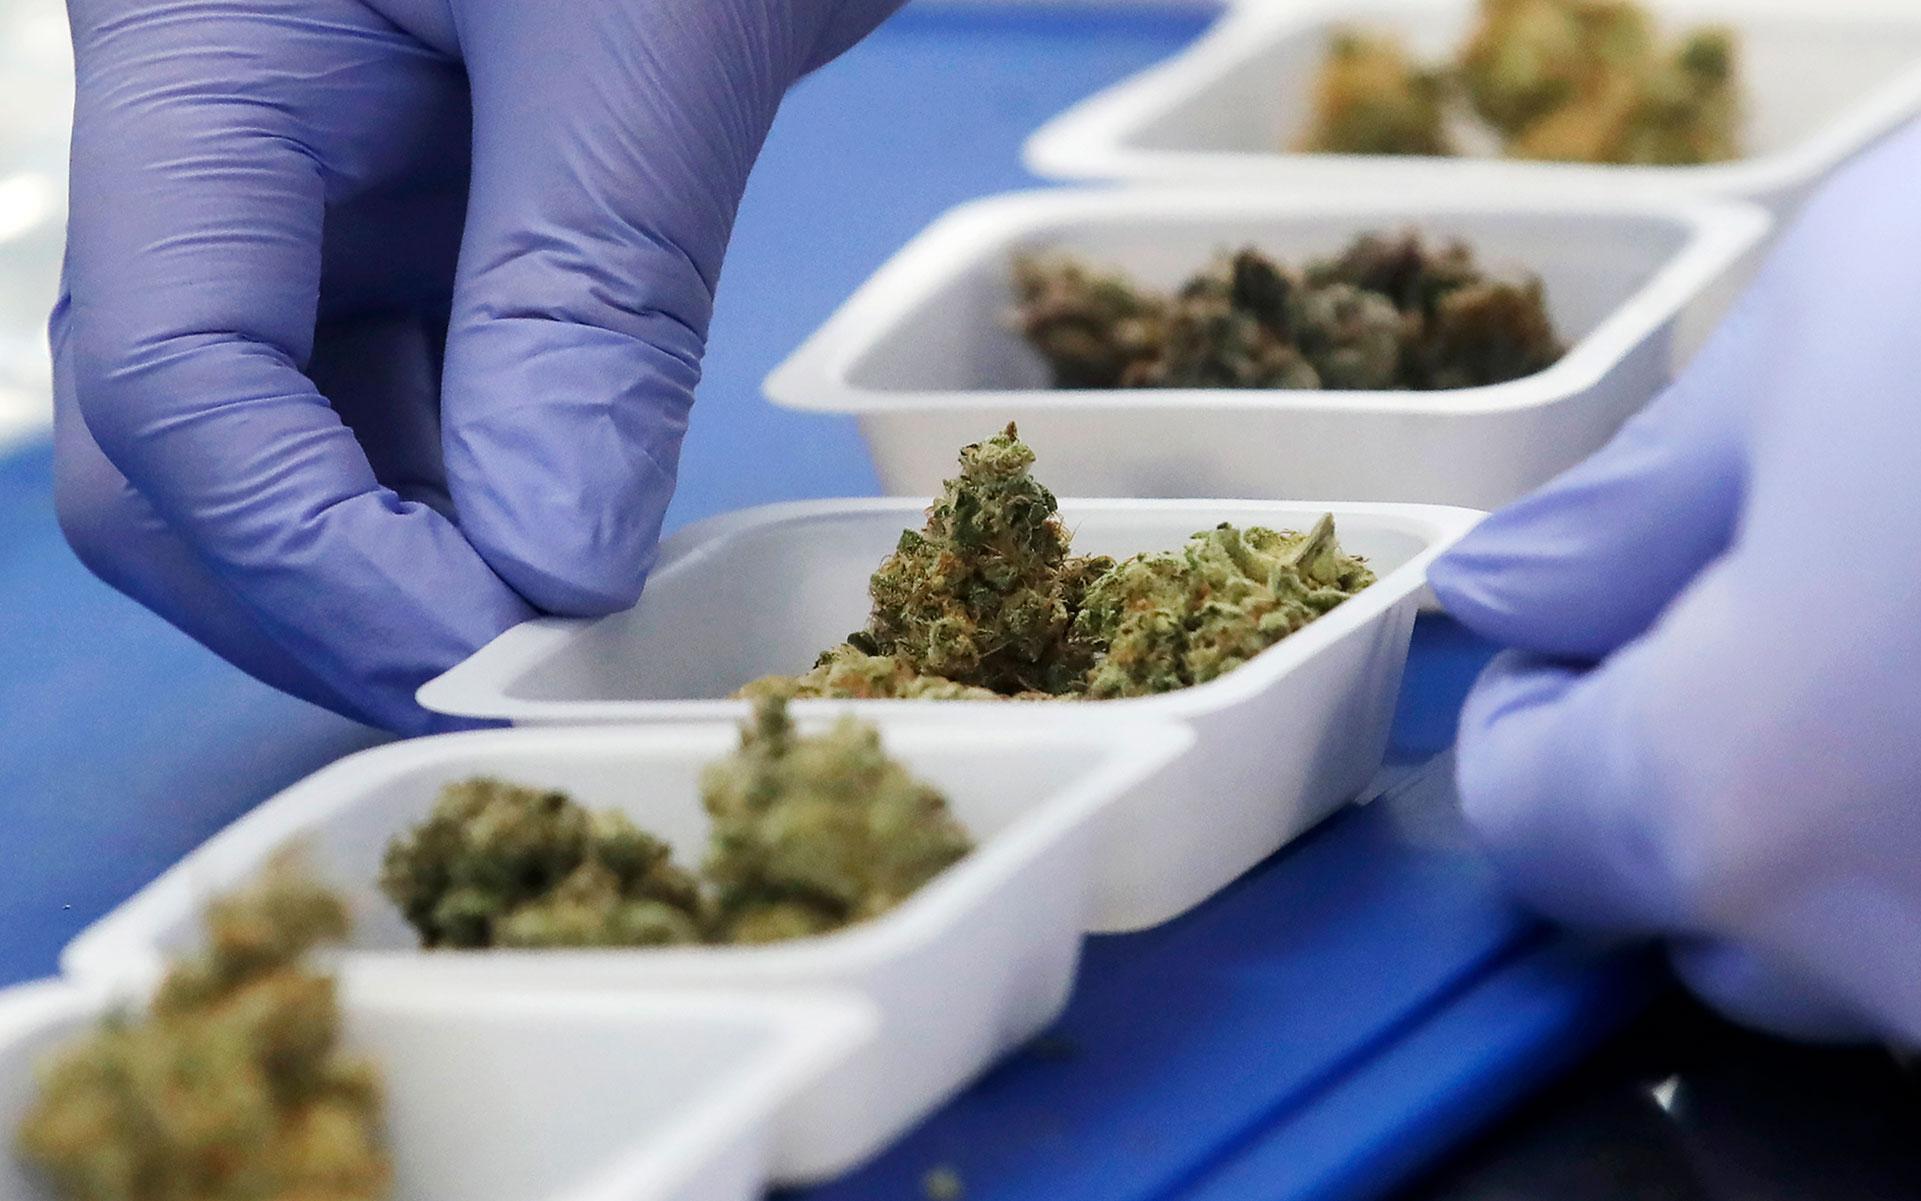 Aceleran el desarrollo de un tratamiento con cannabis para mitigar el COVID-19